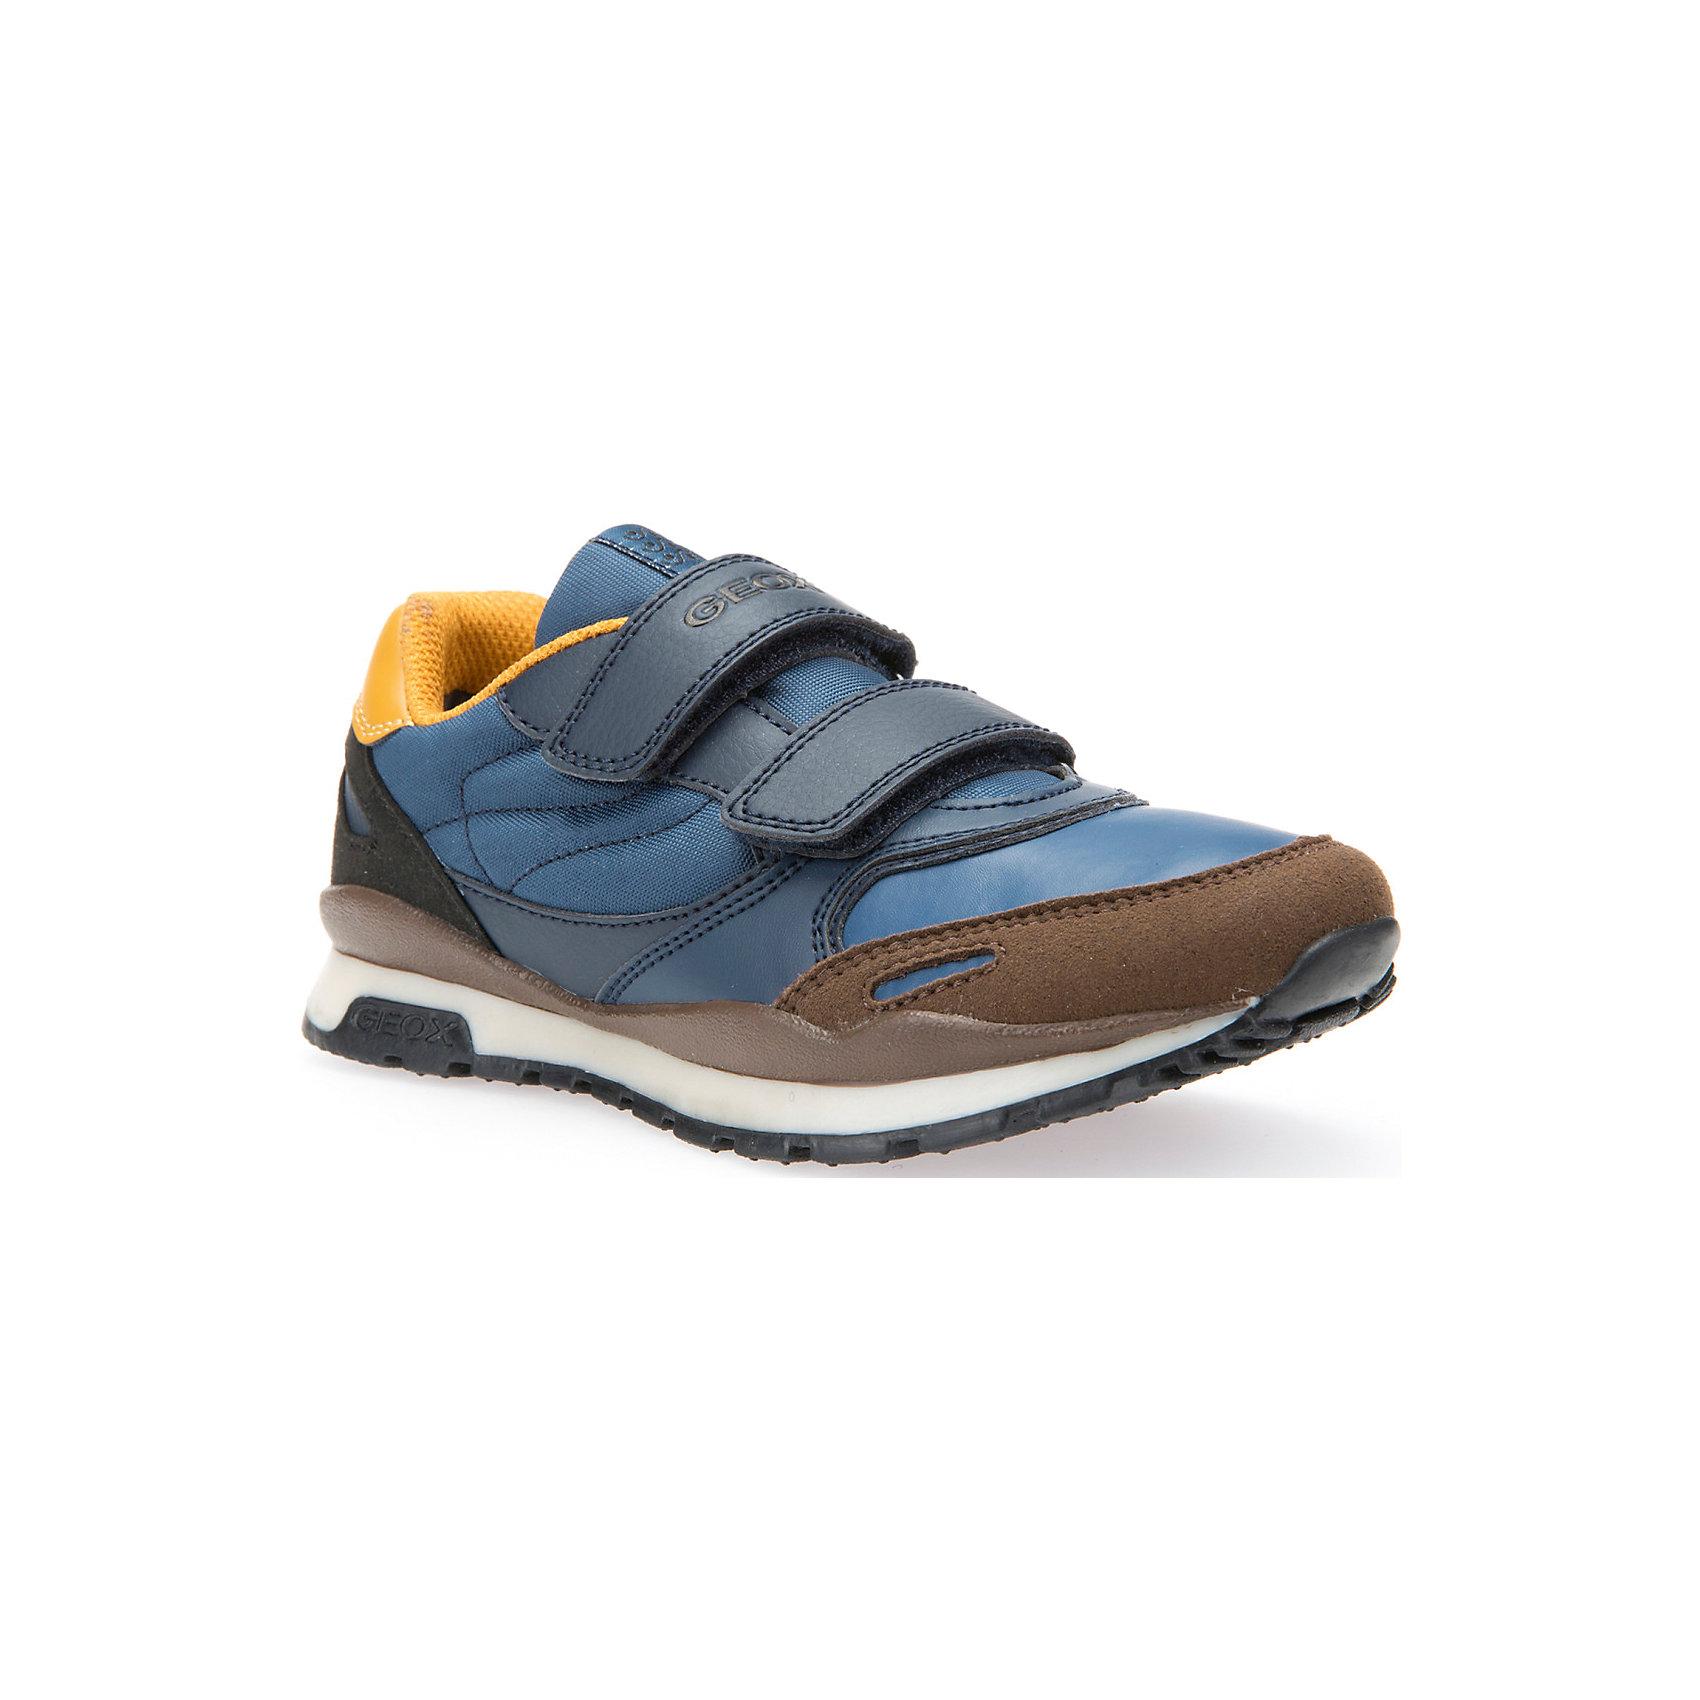 GEOX Кроссовки для мальчика GEOX кроссовки на платформе купить в донецке